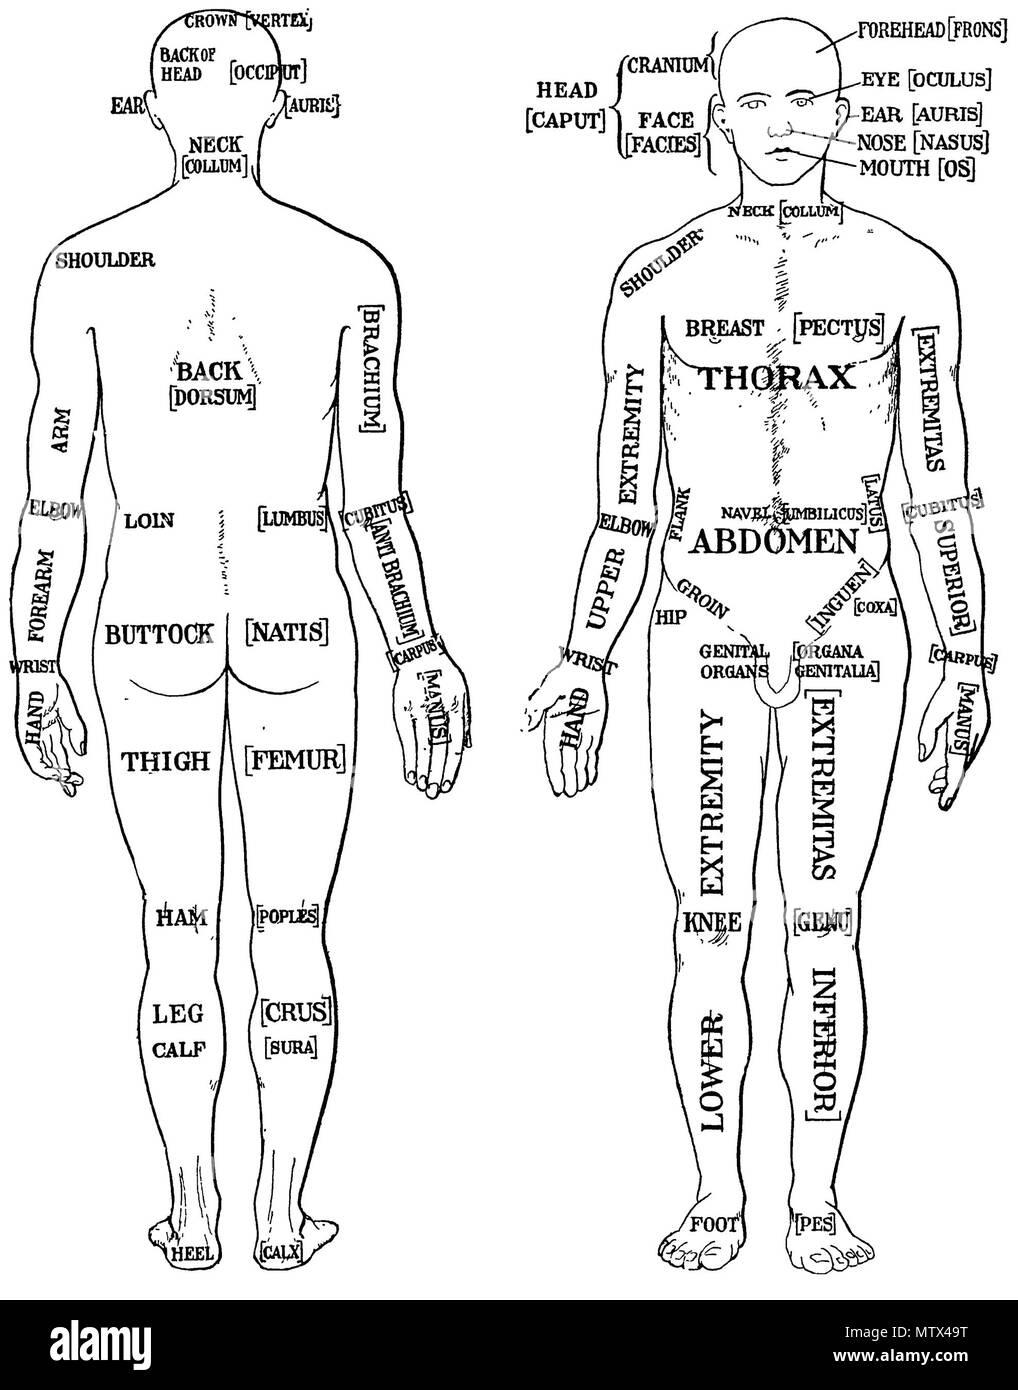 Ziemlich Interne Teile Des Körpers Bilder - Anatomie Ideen - finotti ...